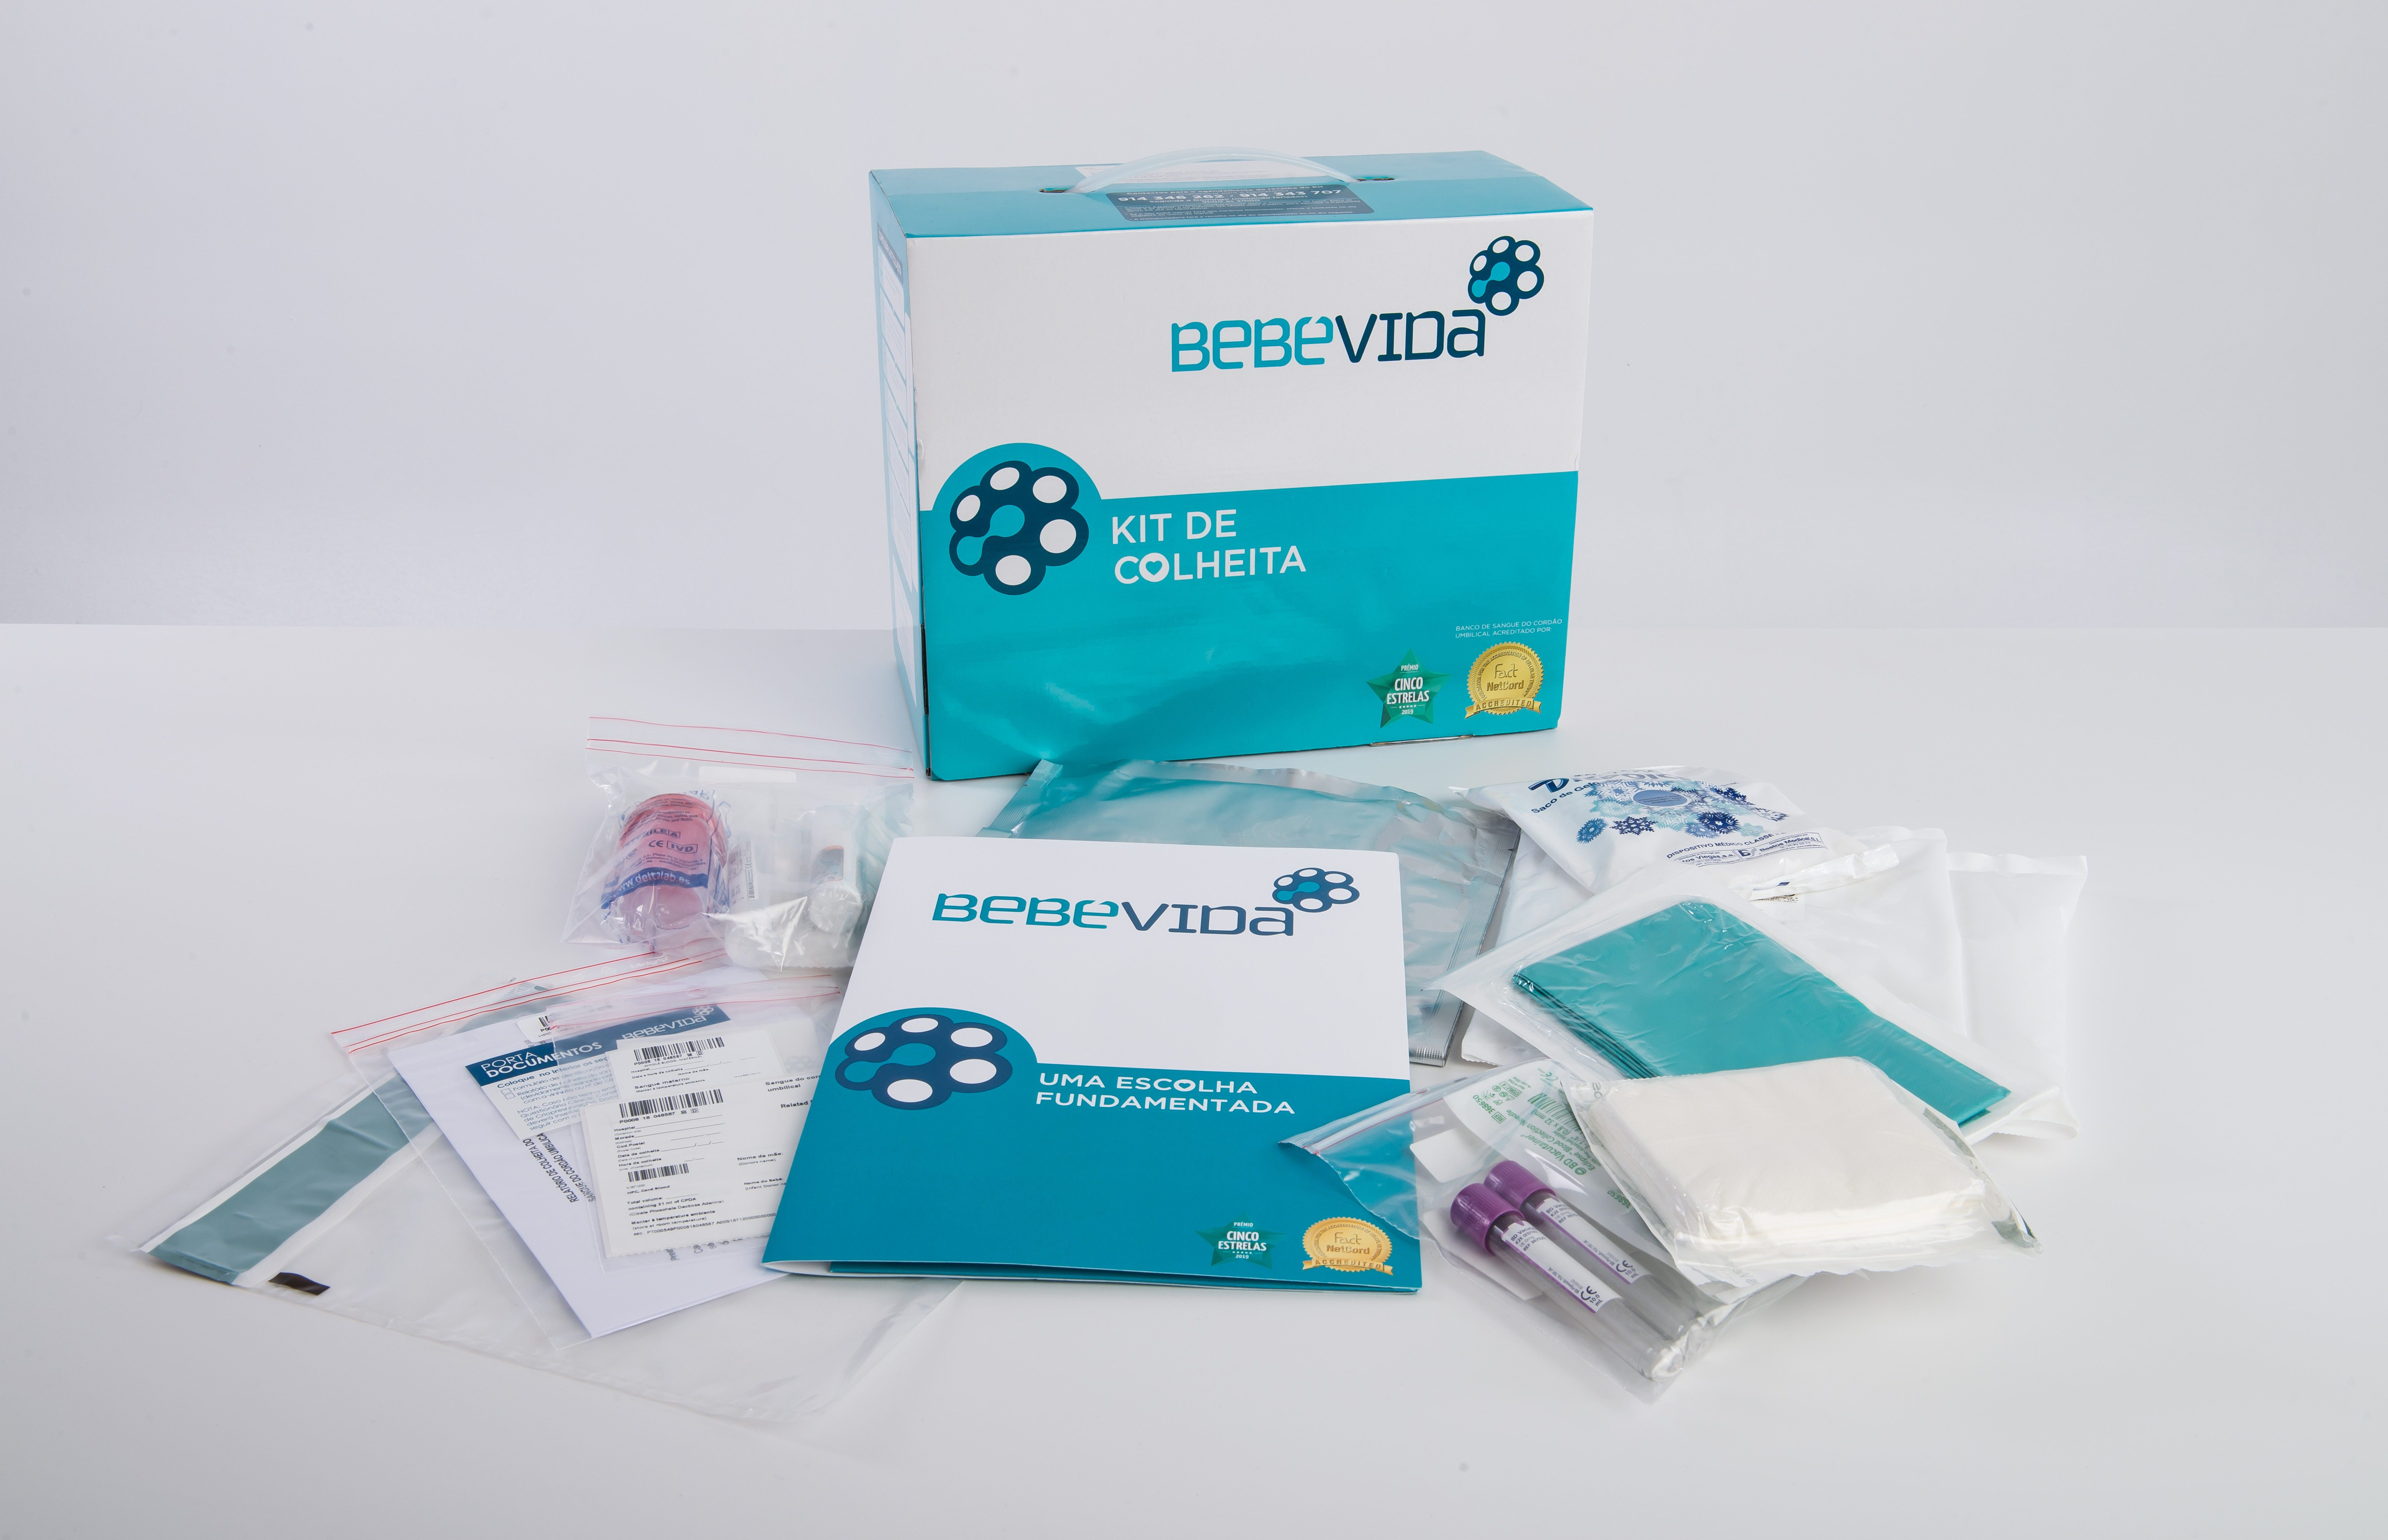 Kit de colheita BebéVida para efeitos de criopreservação